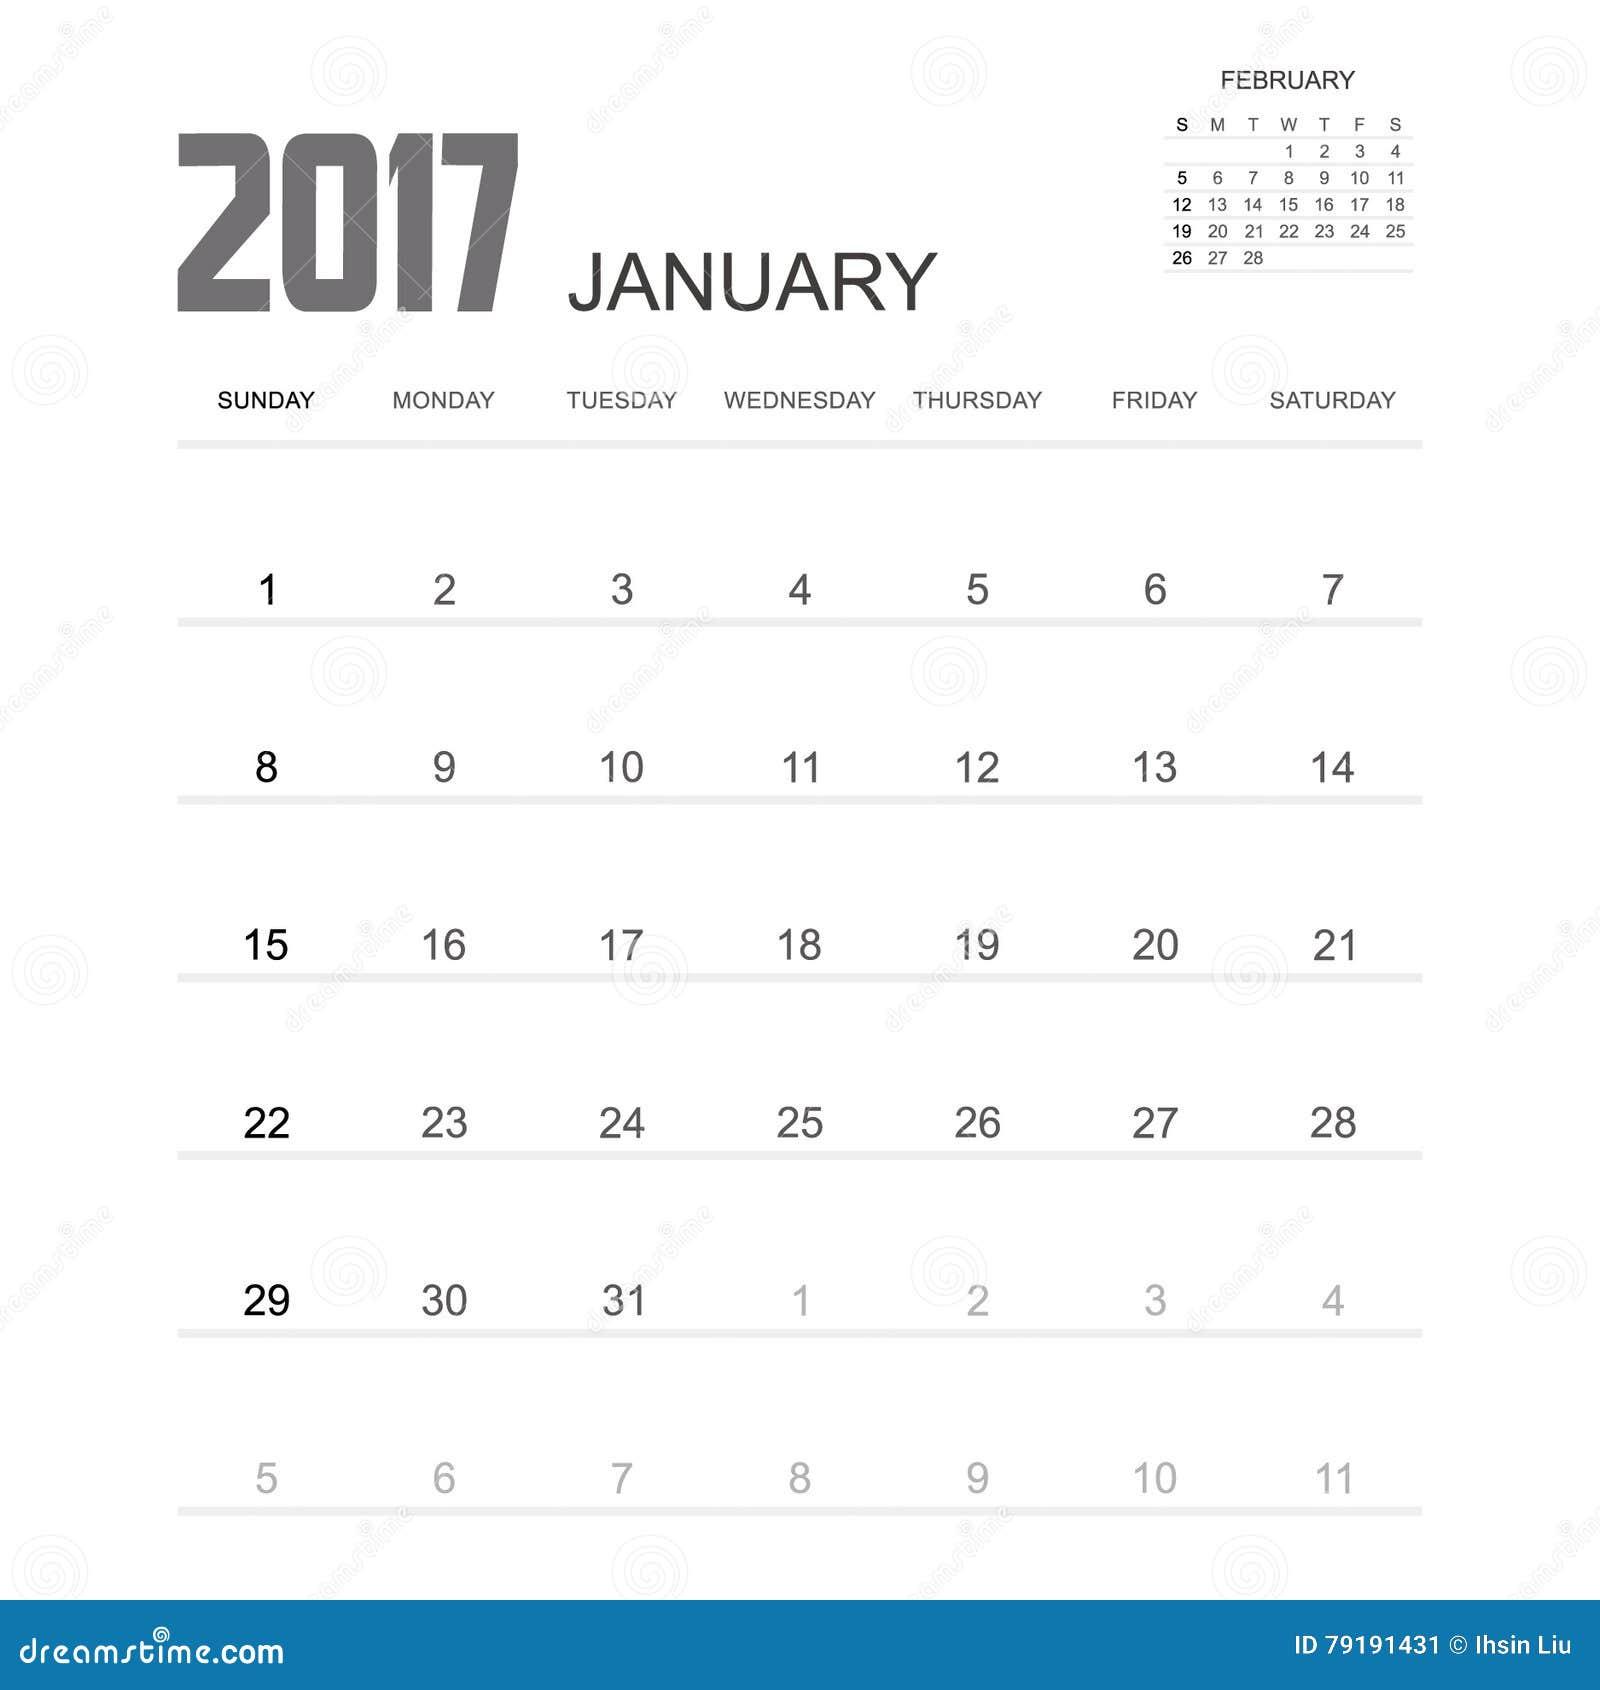 2017 STYCZNIA kalendarza planisty projekt